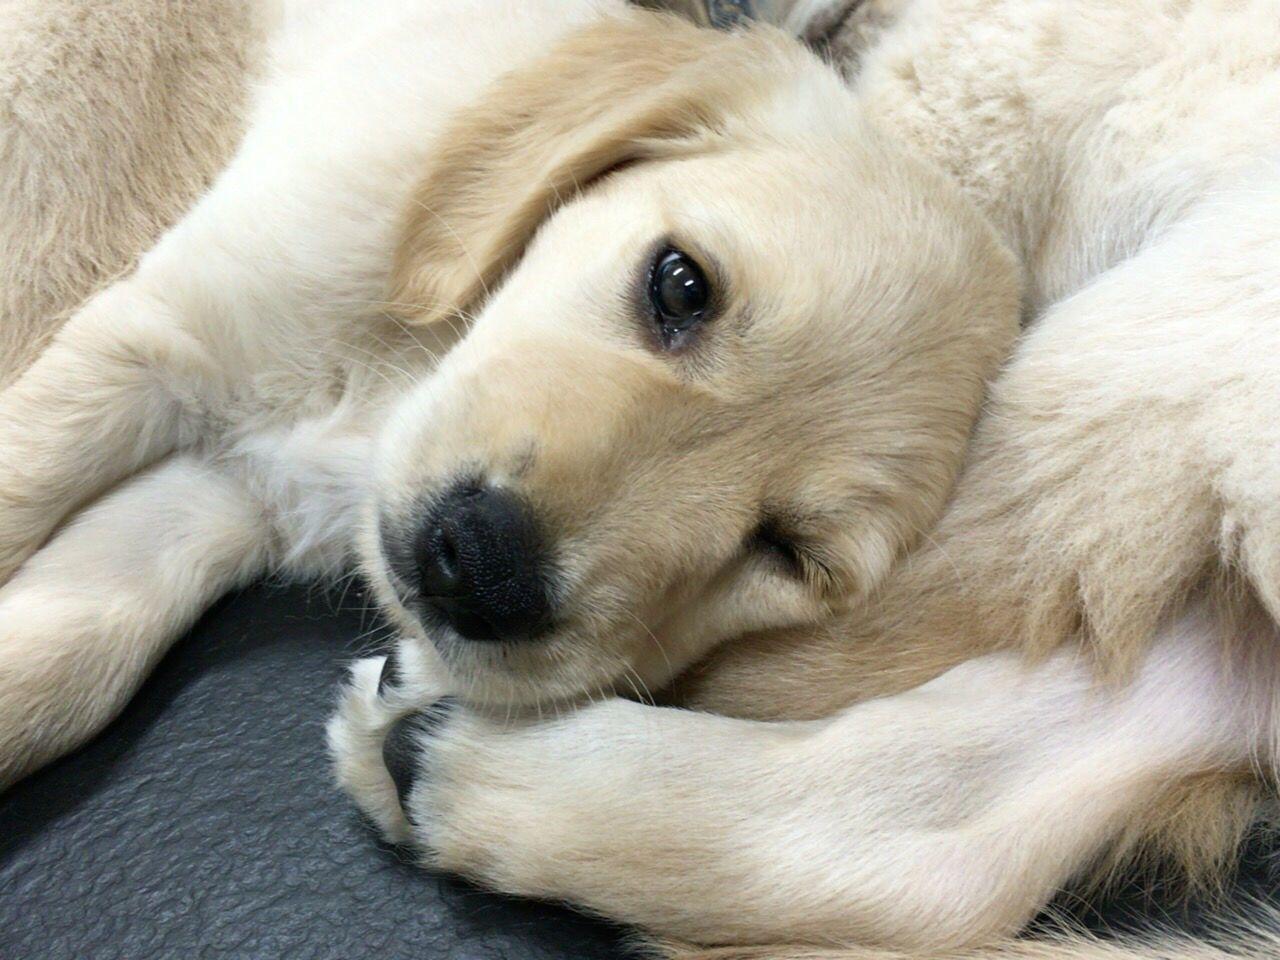 ねむねむ(_ _).。o○ Dog Puppy Puppy Love Golden Retriever Animal Cute Young Animal Close-up Looking At Camera Indoors  Guide Dog For The Future Wink Hello World Noedit Nofilter No People No Filter No Edit/no Filter No Flash